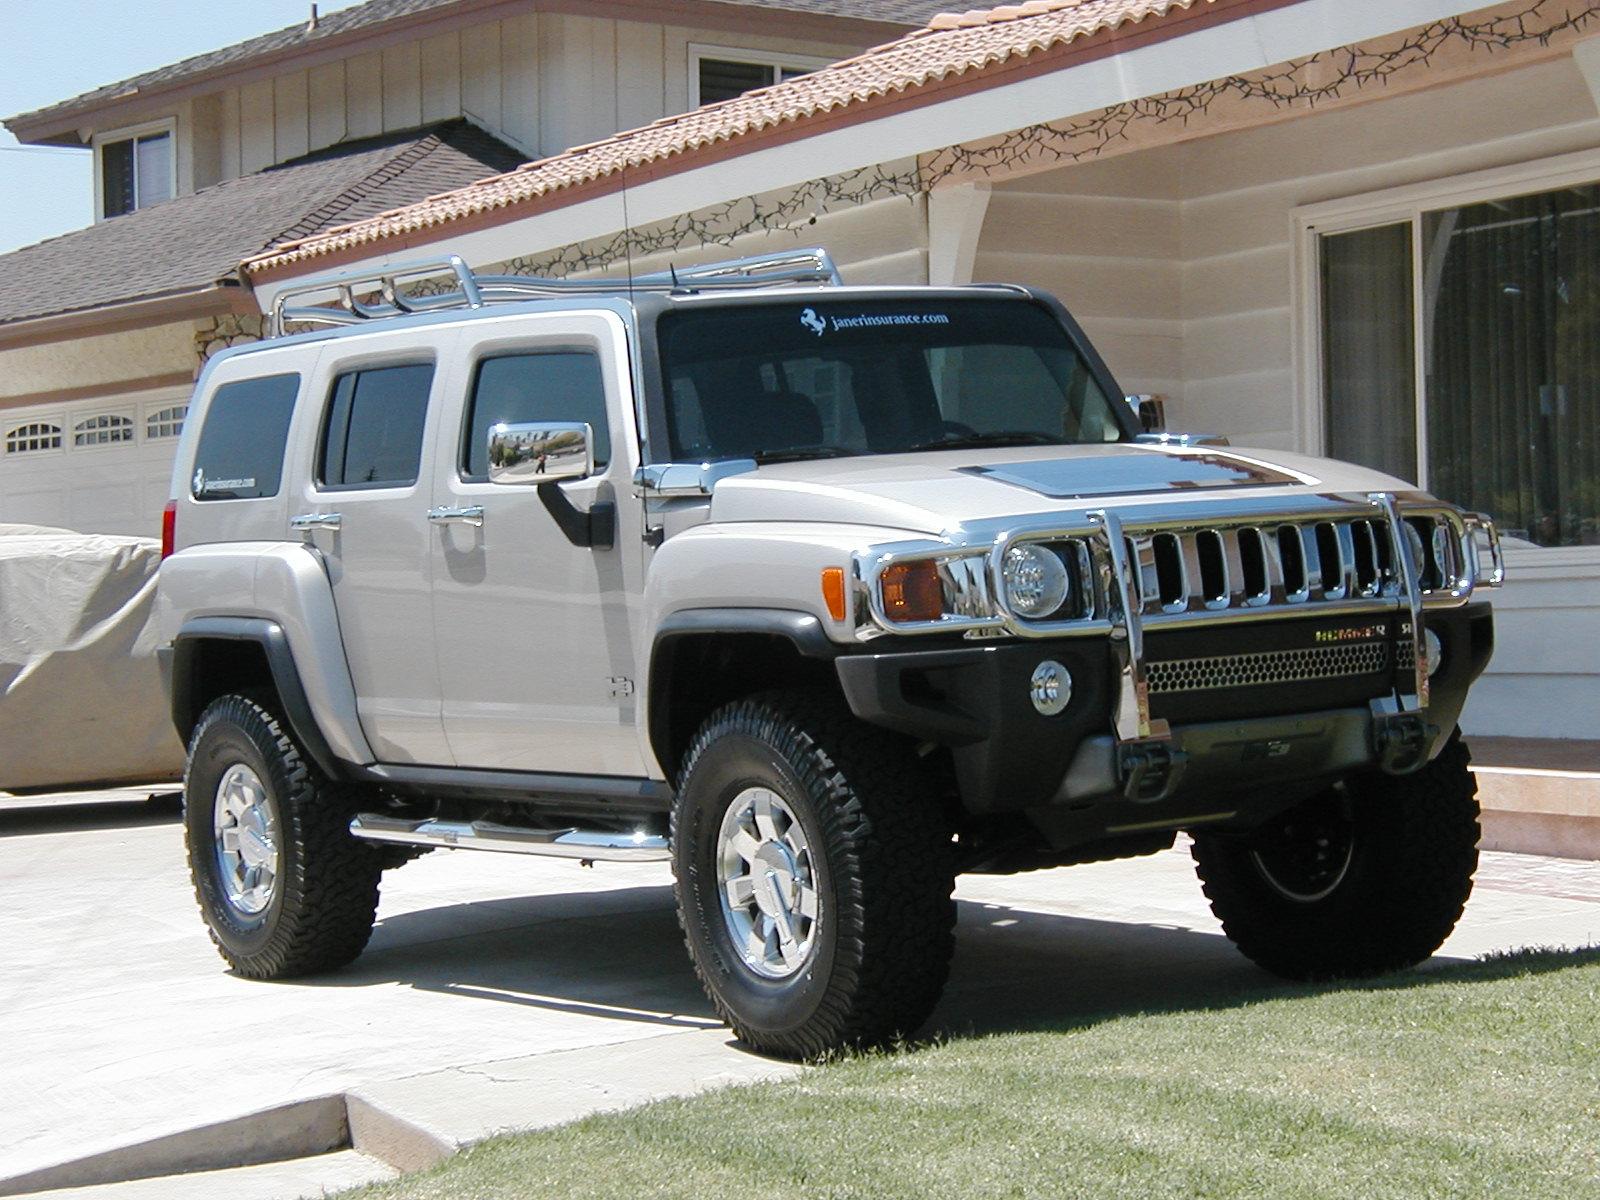 Hummer Models List >> 2007 HUMMER H3 - Partsopen